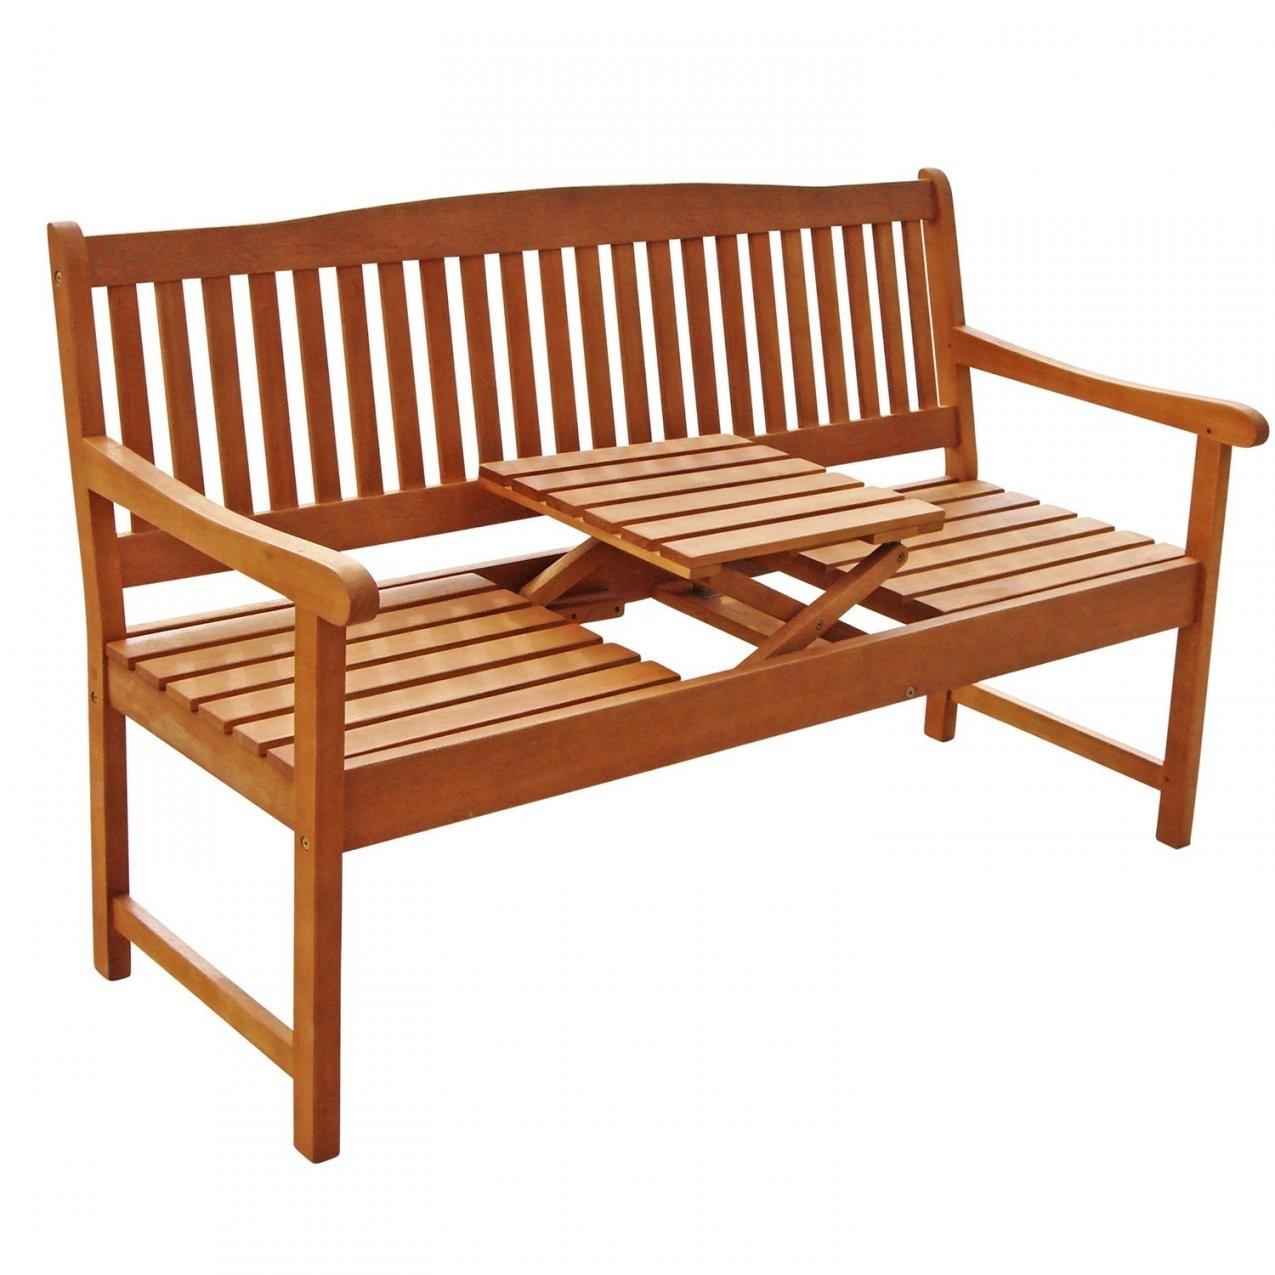 Frisch Von Gartenbank Holz Mit Integriertem Tisch Design  Moderne von Gartenbank Holz Mit Integriertem Tisch Bild